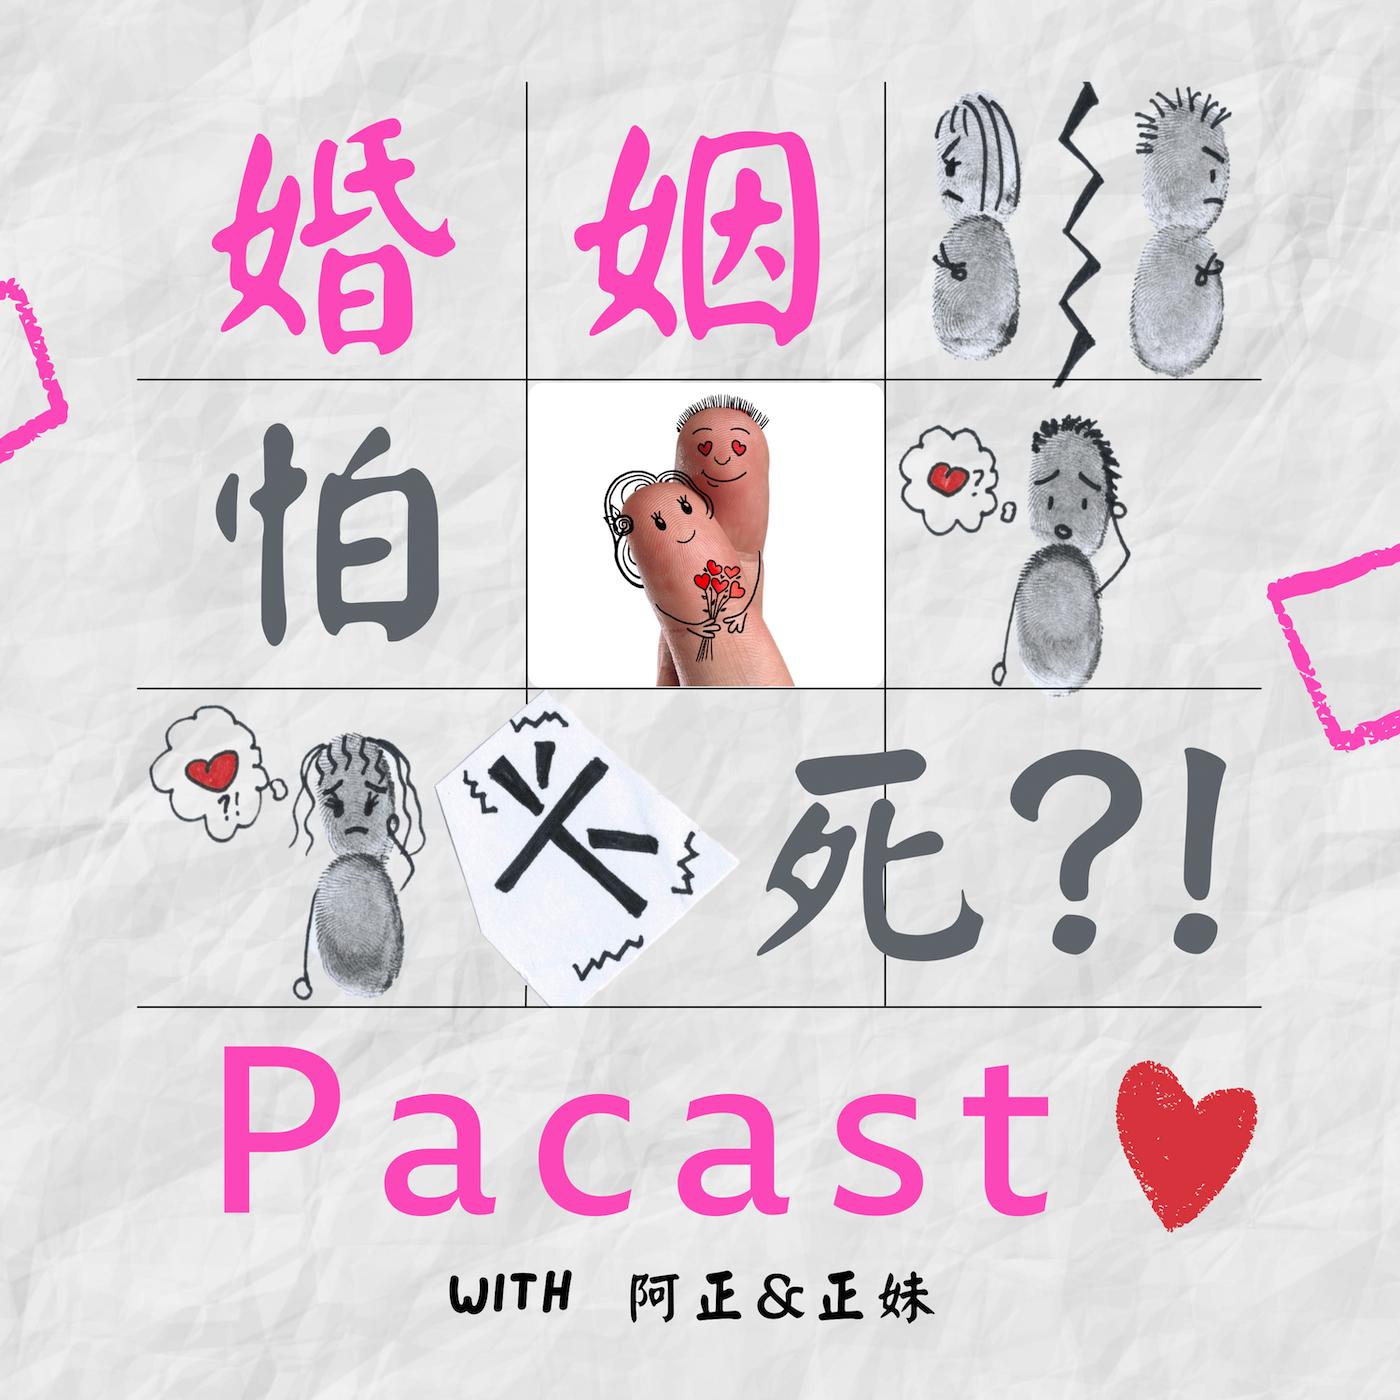 婚姻Pacast(婚姻怕卡死)